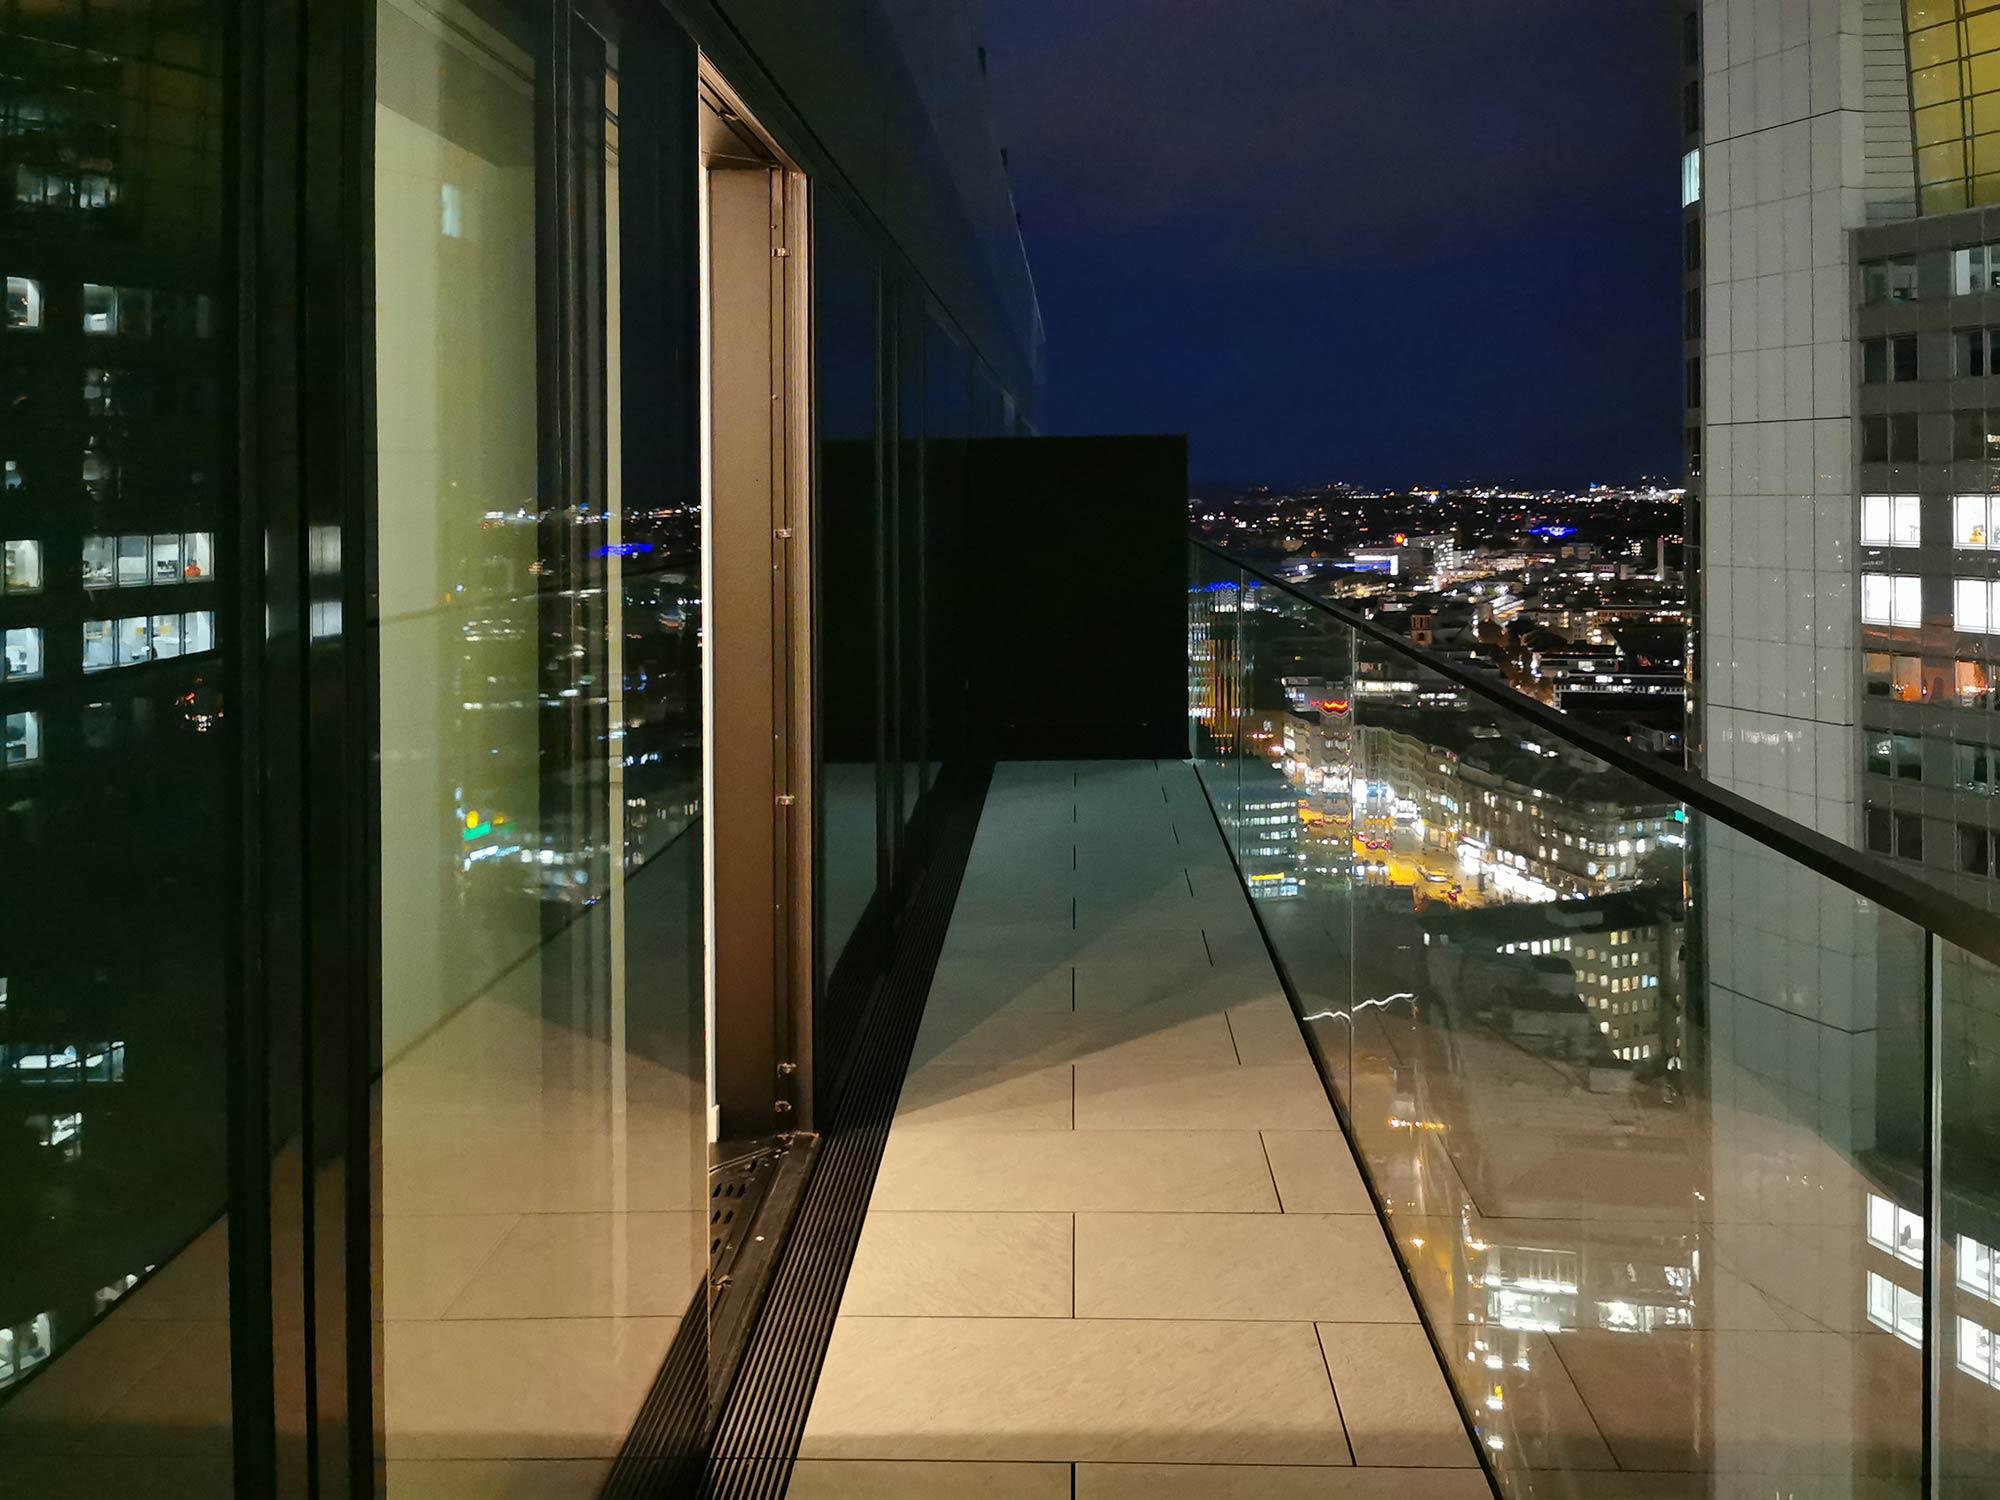 OmniTurm Mietwohnung mit Balkon im 21. OG - Luxuswohnung Bankenviertel Frankfurt Innenstadt - New York Feeling